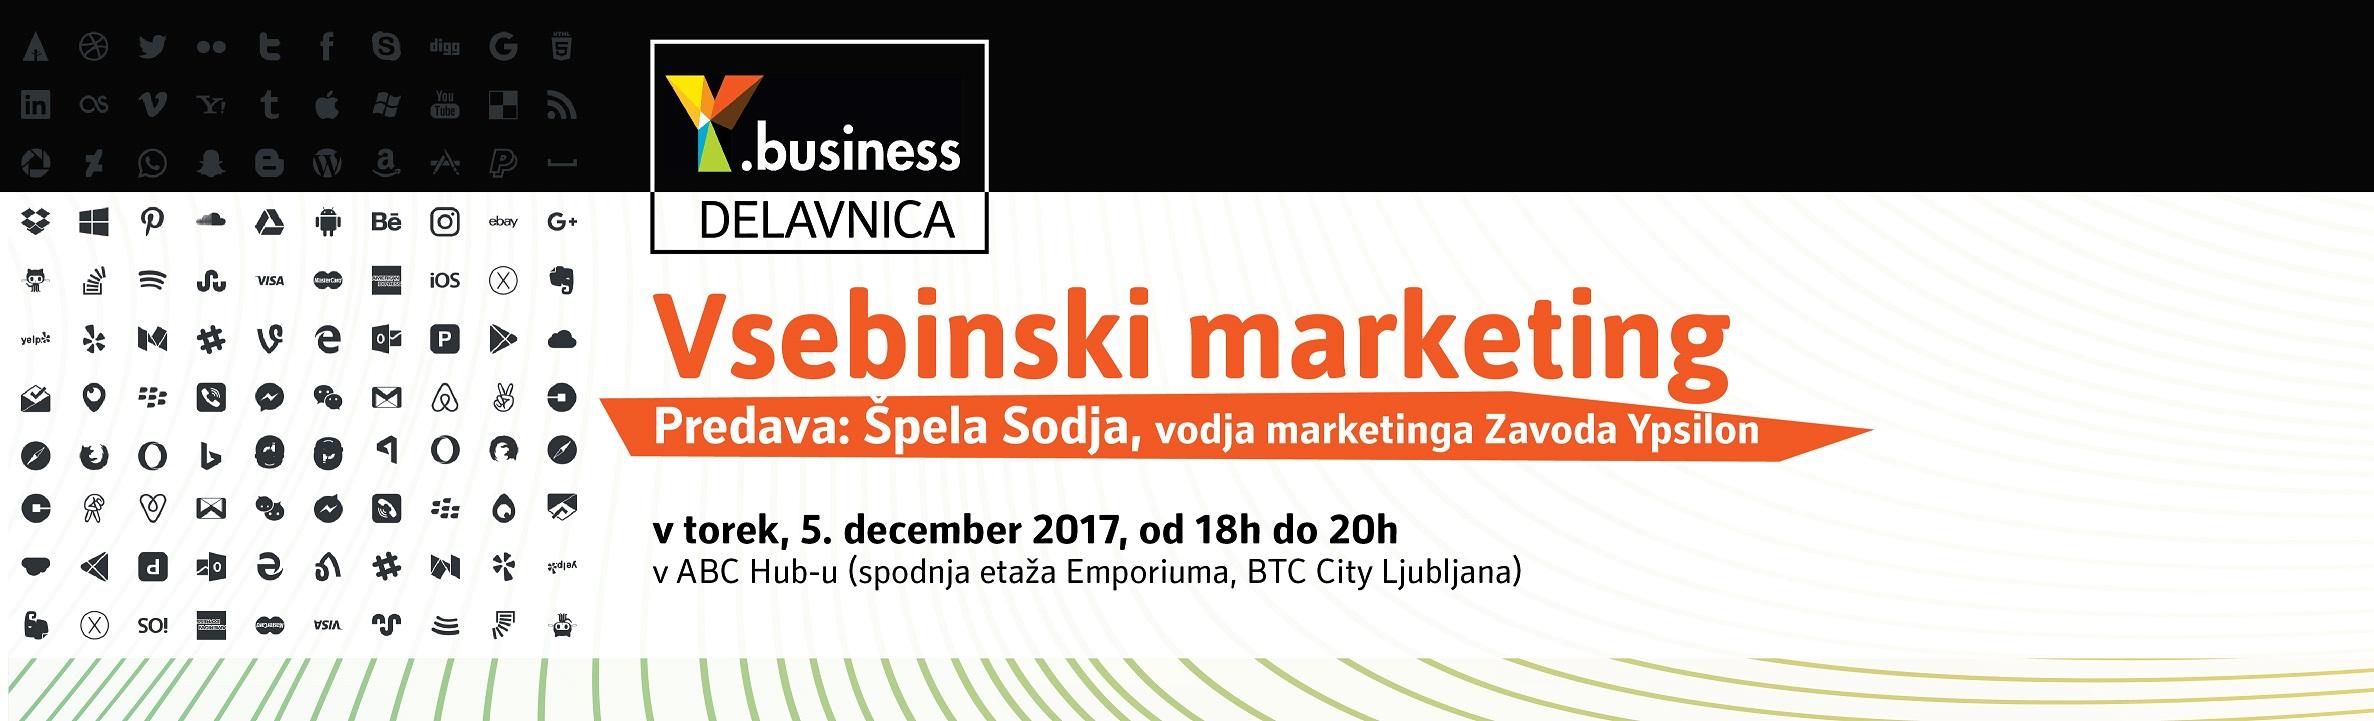 vsebinski marketing delavnice december ypislon ybusiness 03